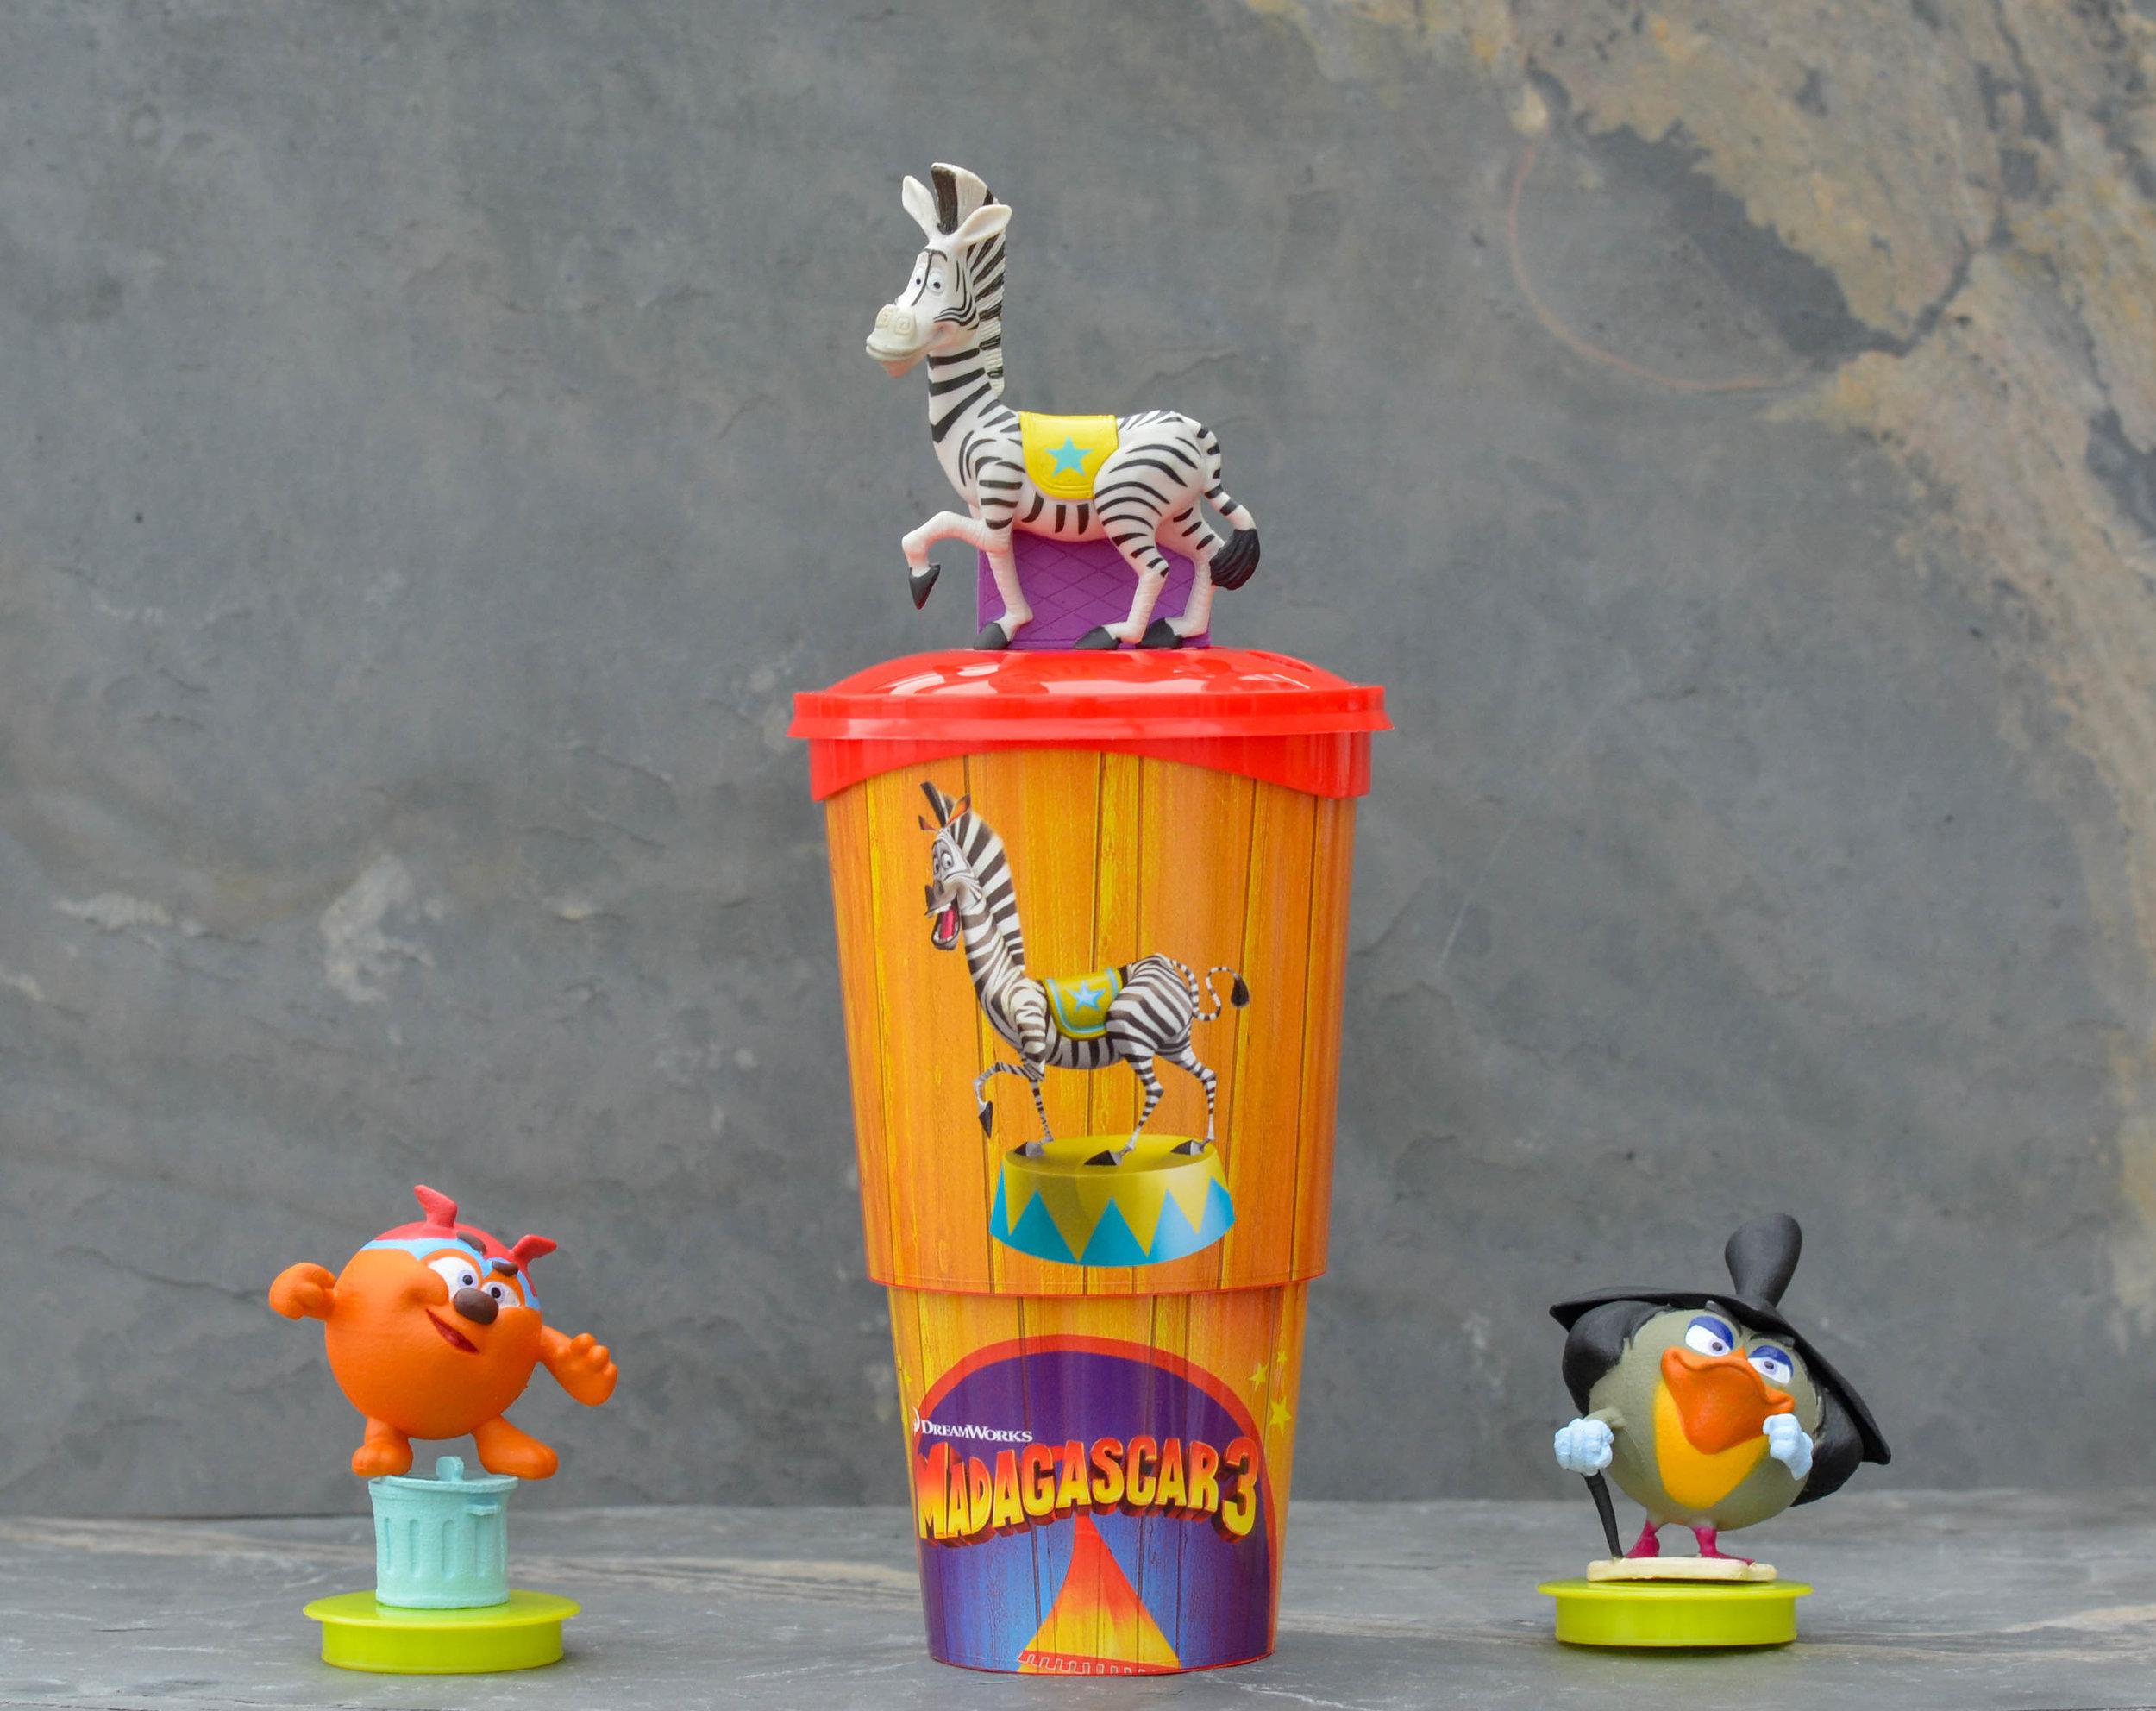 Ideal fürs Amusement business: Spülmaschinenfeste Cups2Drink Becher mit Deckel und aufsteckbarer Spielfigur. Foto: Marina Brockhoff für die © WEBER Packaging GmbH, 2017